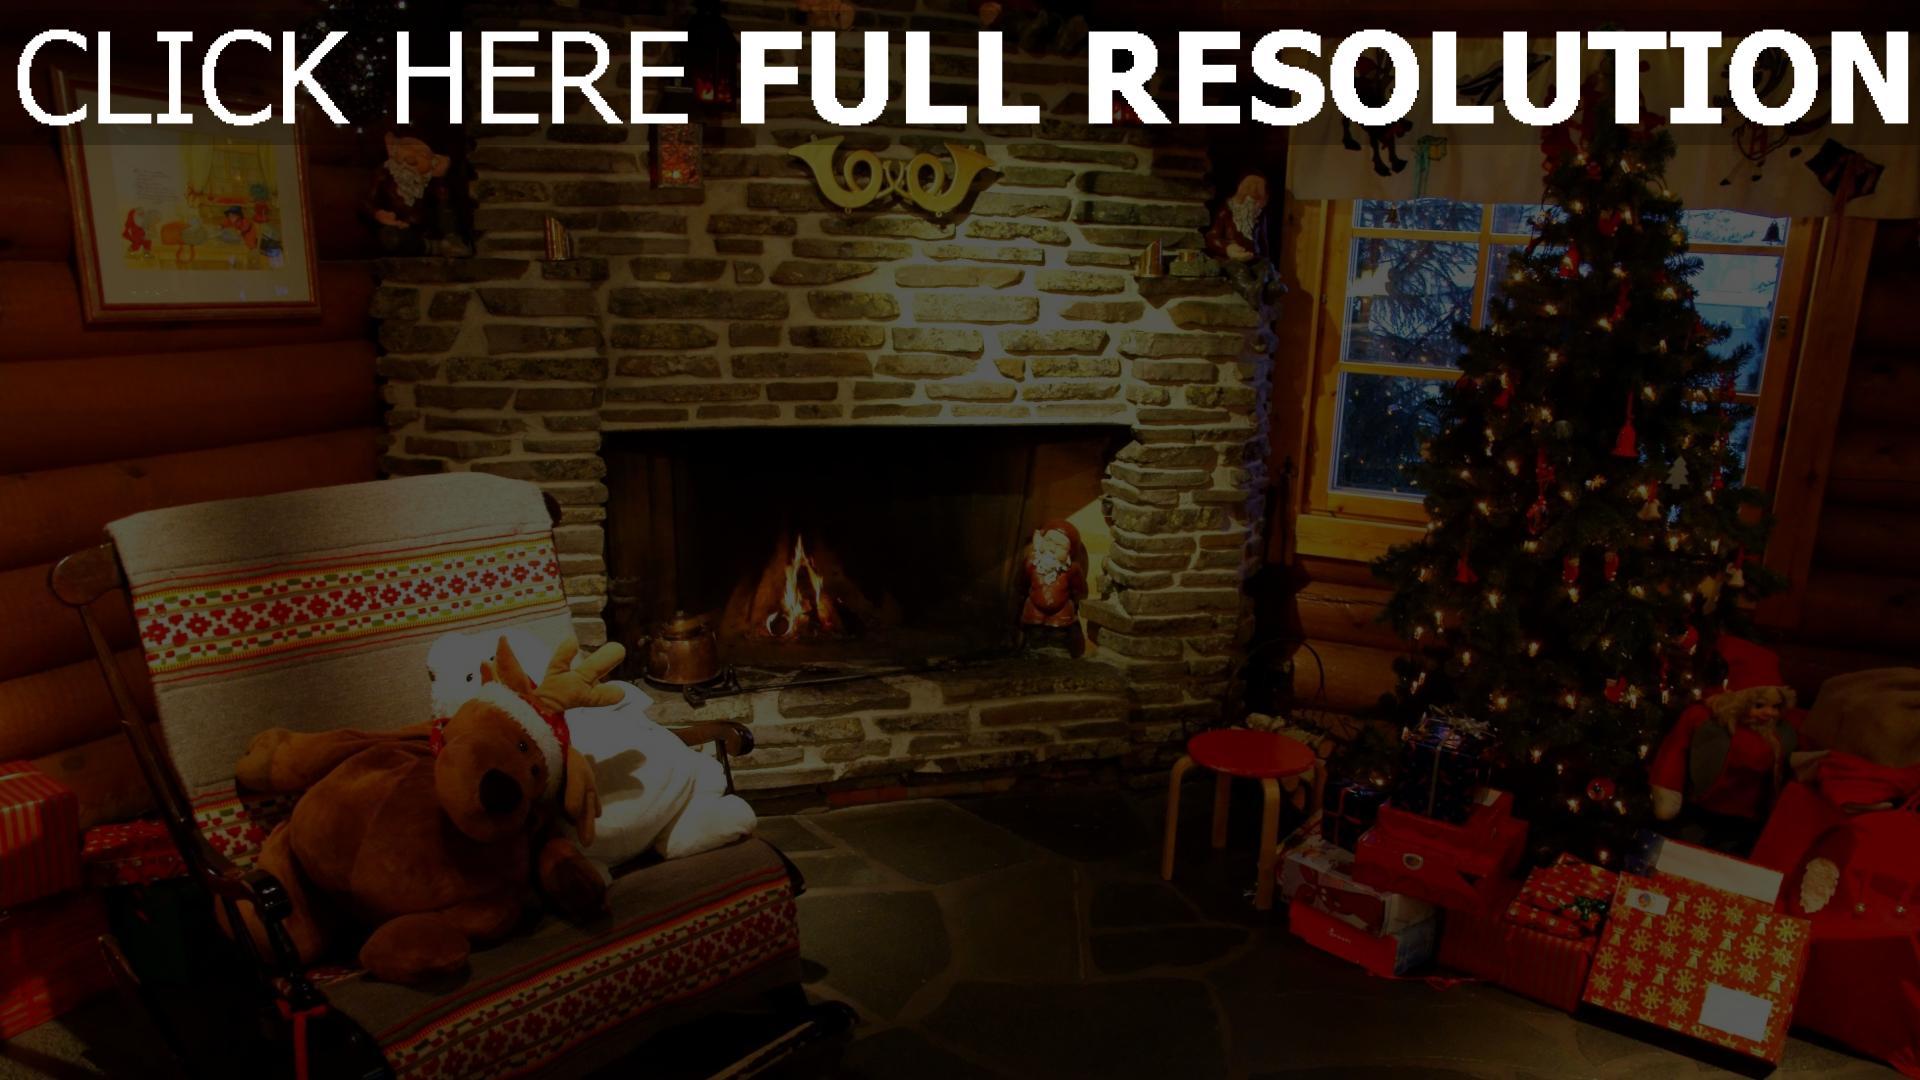 hd hintergrundbilder haus weihnachten fichte kamin spielwaren 1920x1080